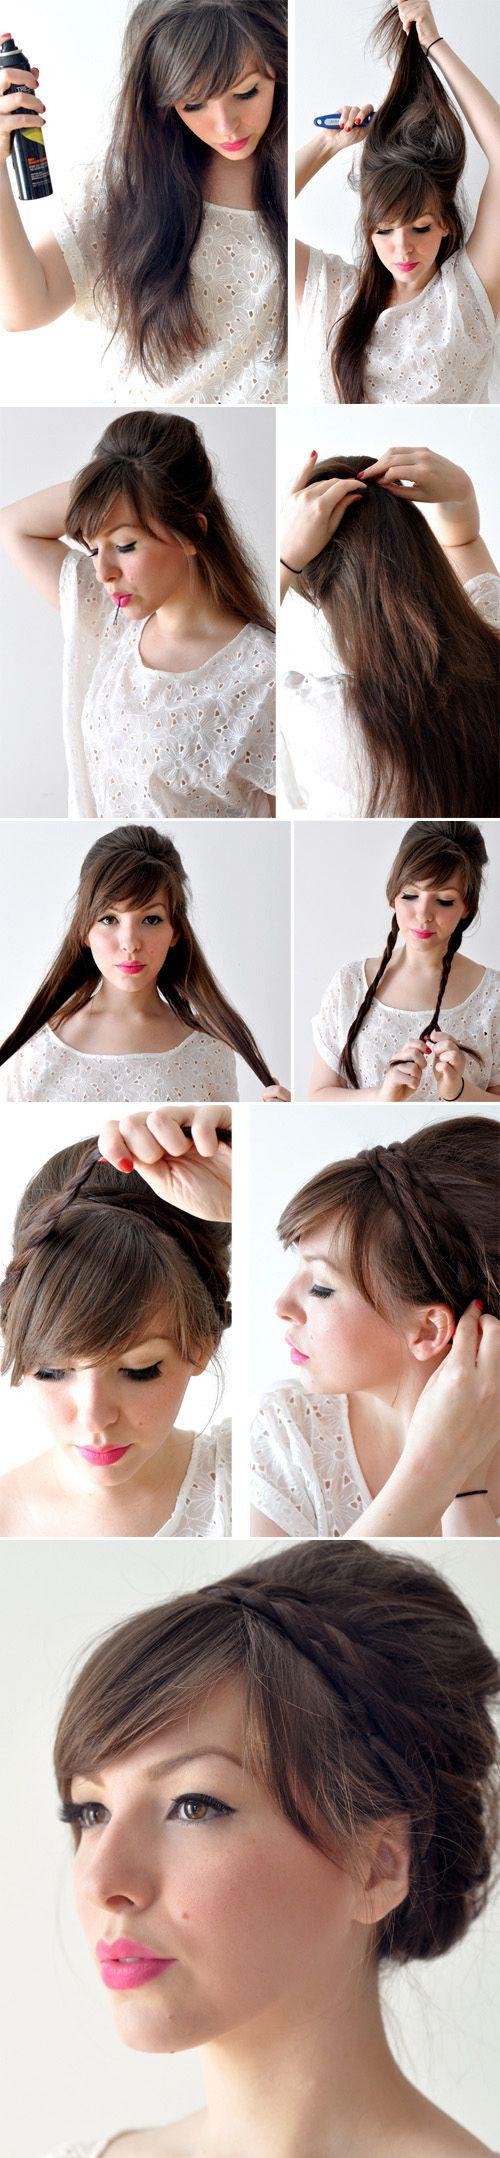 Die Besten Zopf Tutorials Auf Pinterest Anleitungen Haar Und